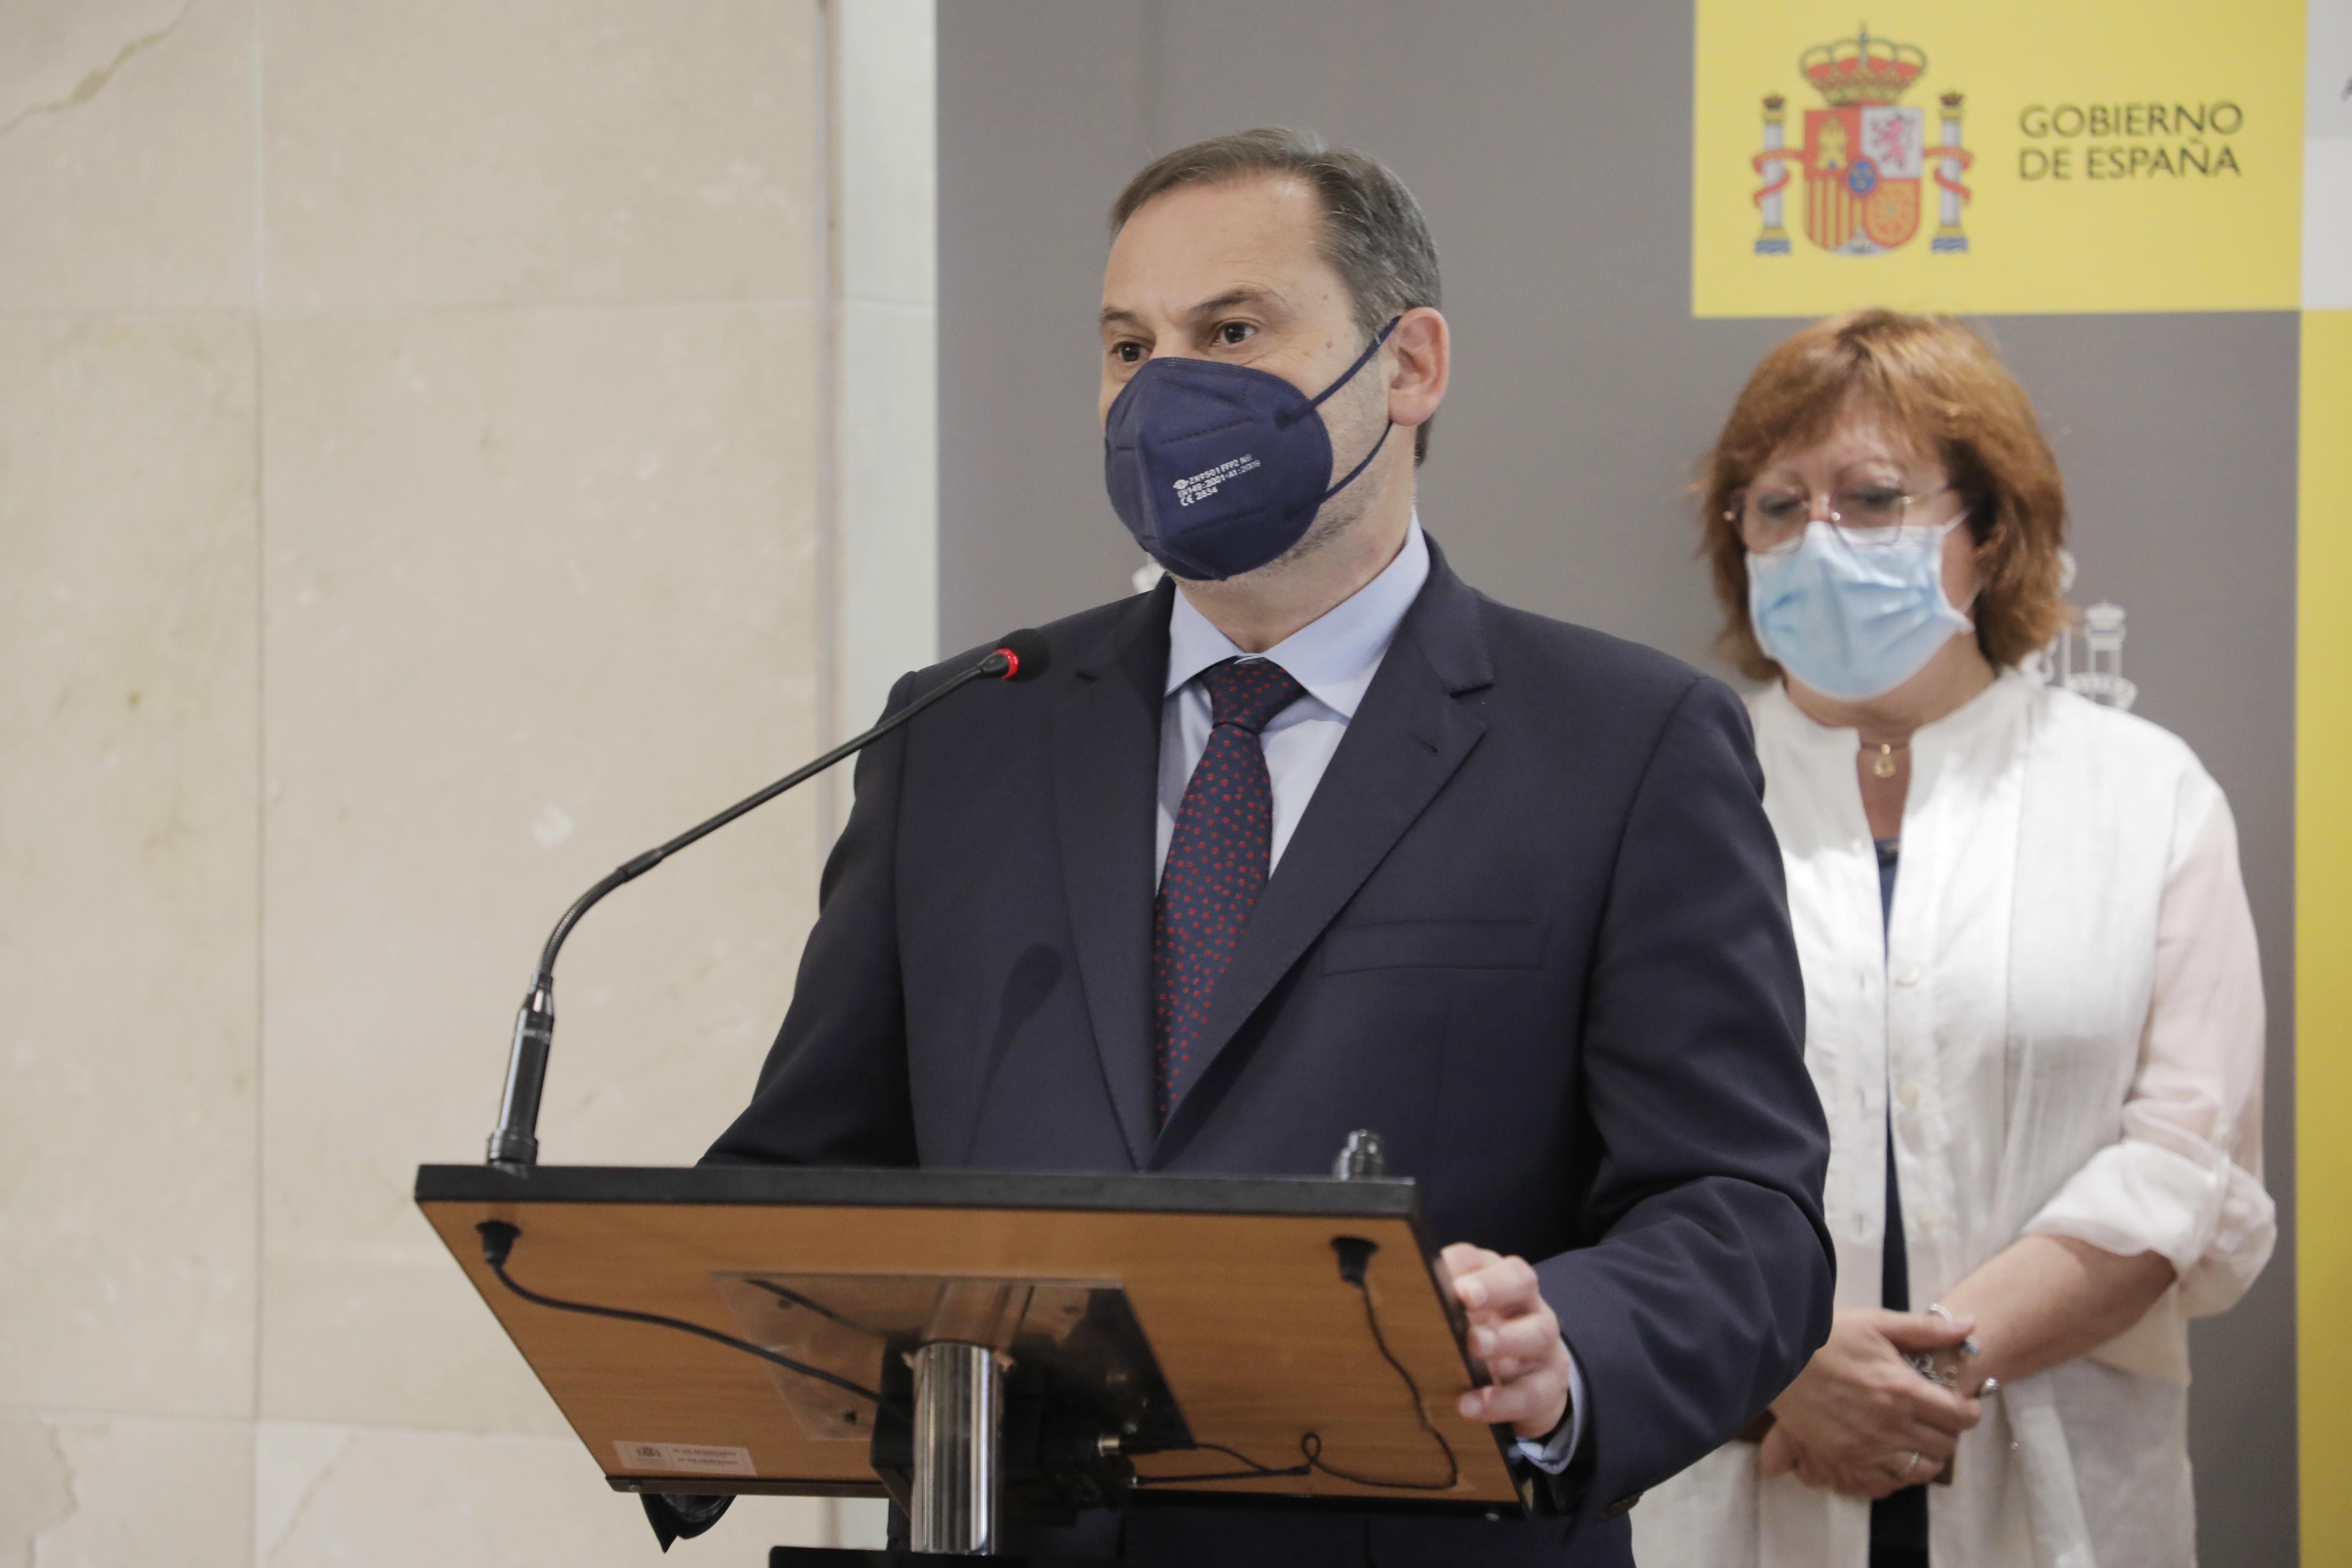 El ministro de Transportes, Movilidad y Agenda Urbana, José Luis Ábalos / Europa Press